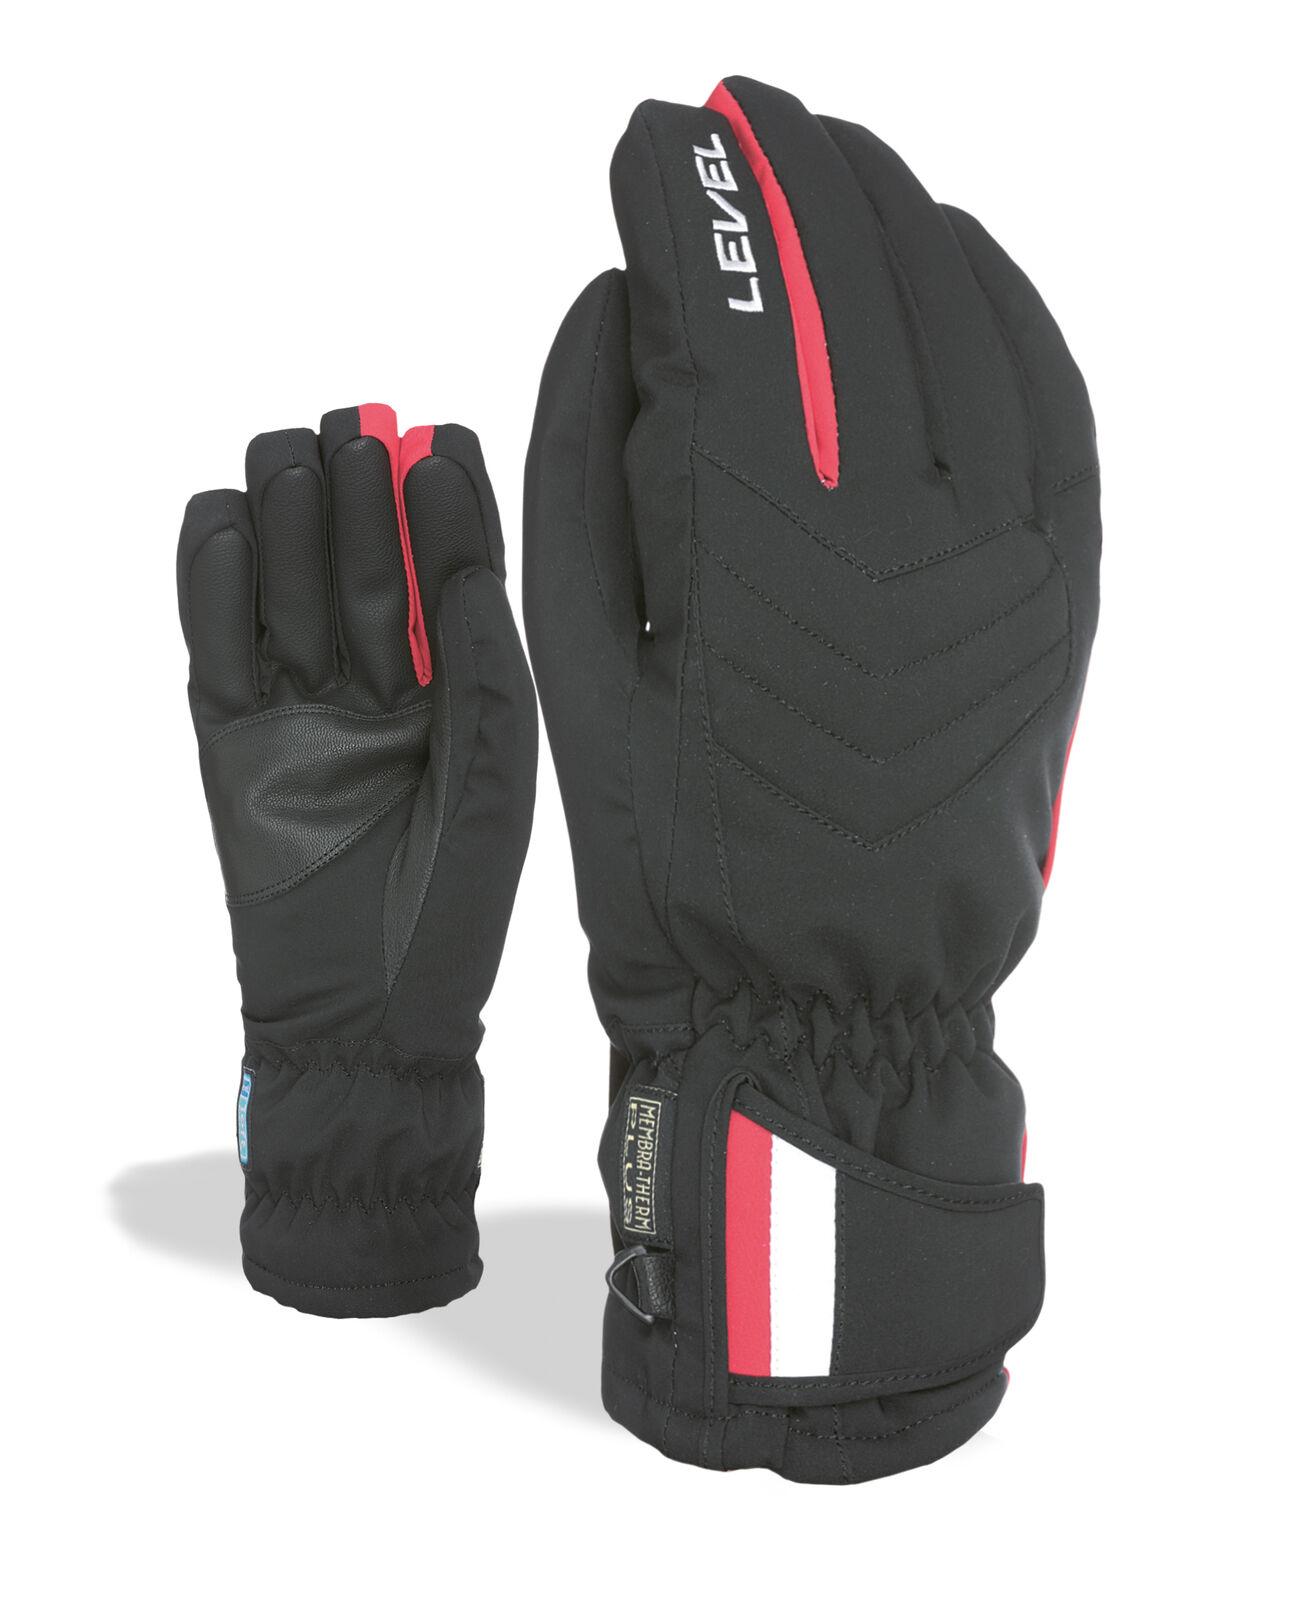 Level  Handschuh  Snowland black wasserdicht atmungsaktiv elastisch  enjoy saving 30-50% off